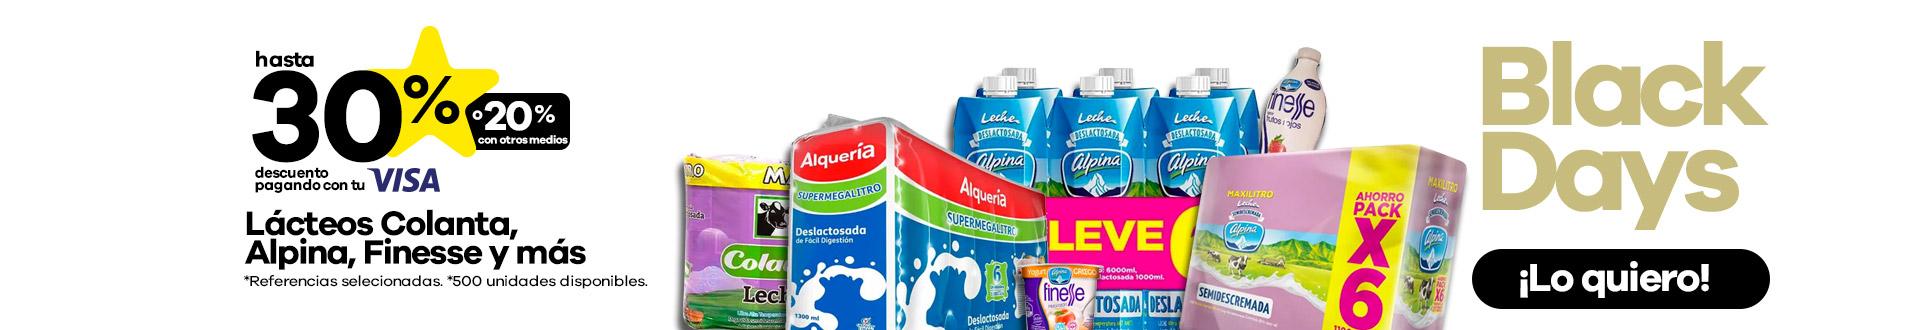 Lacteos colanta, alpina, finesse y más